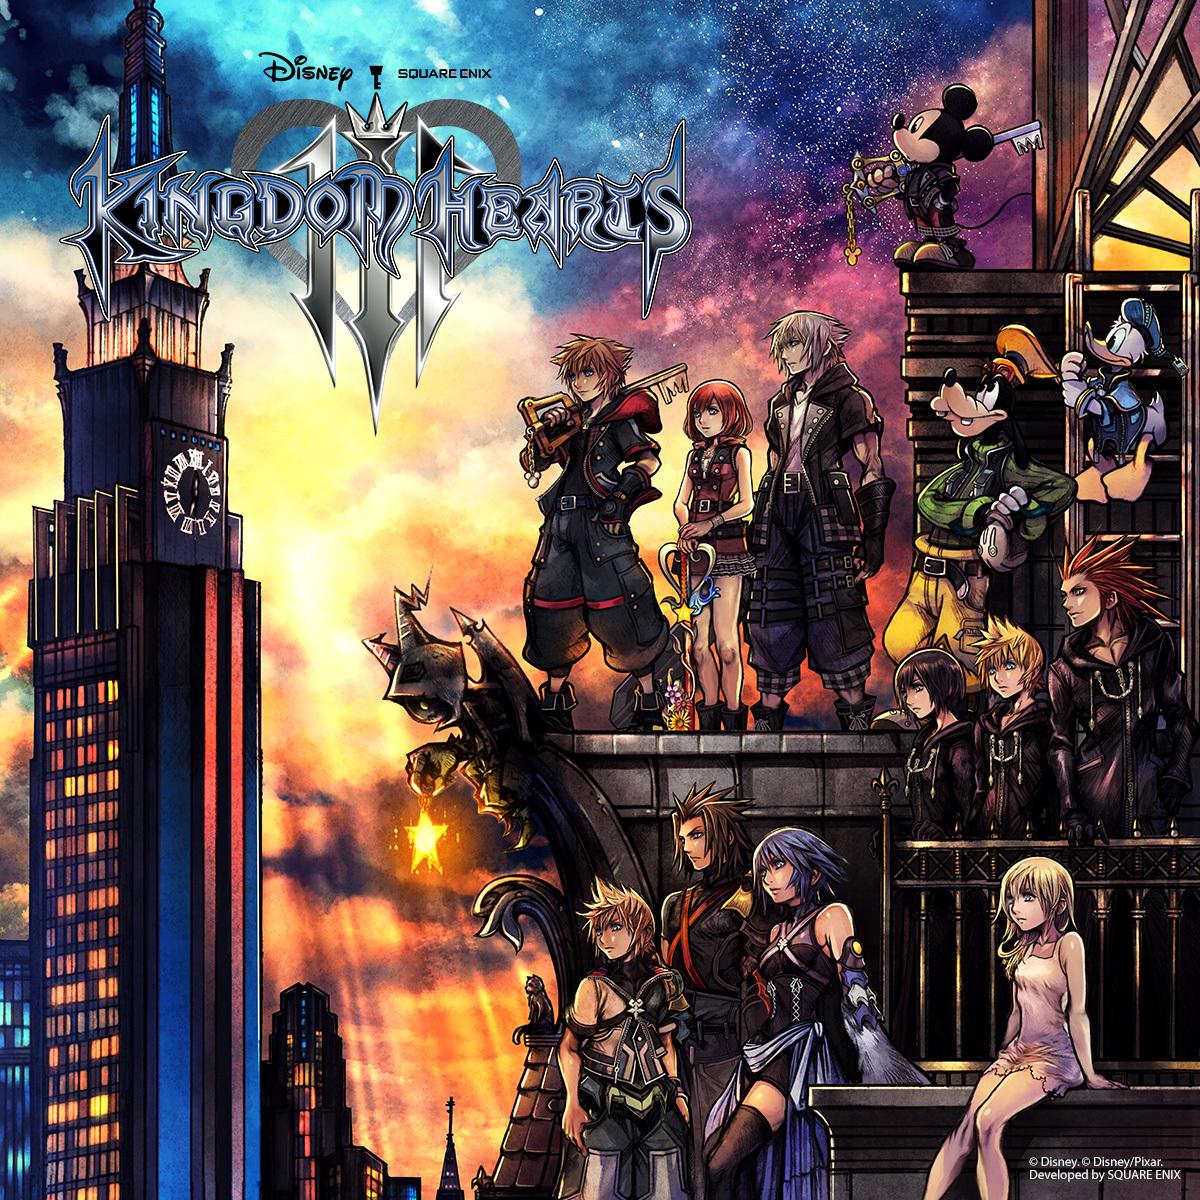 Ini dia review game Kingdom Hearts III dan sinopsis gameplay-nya